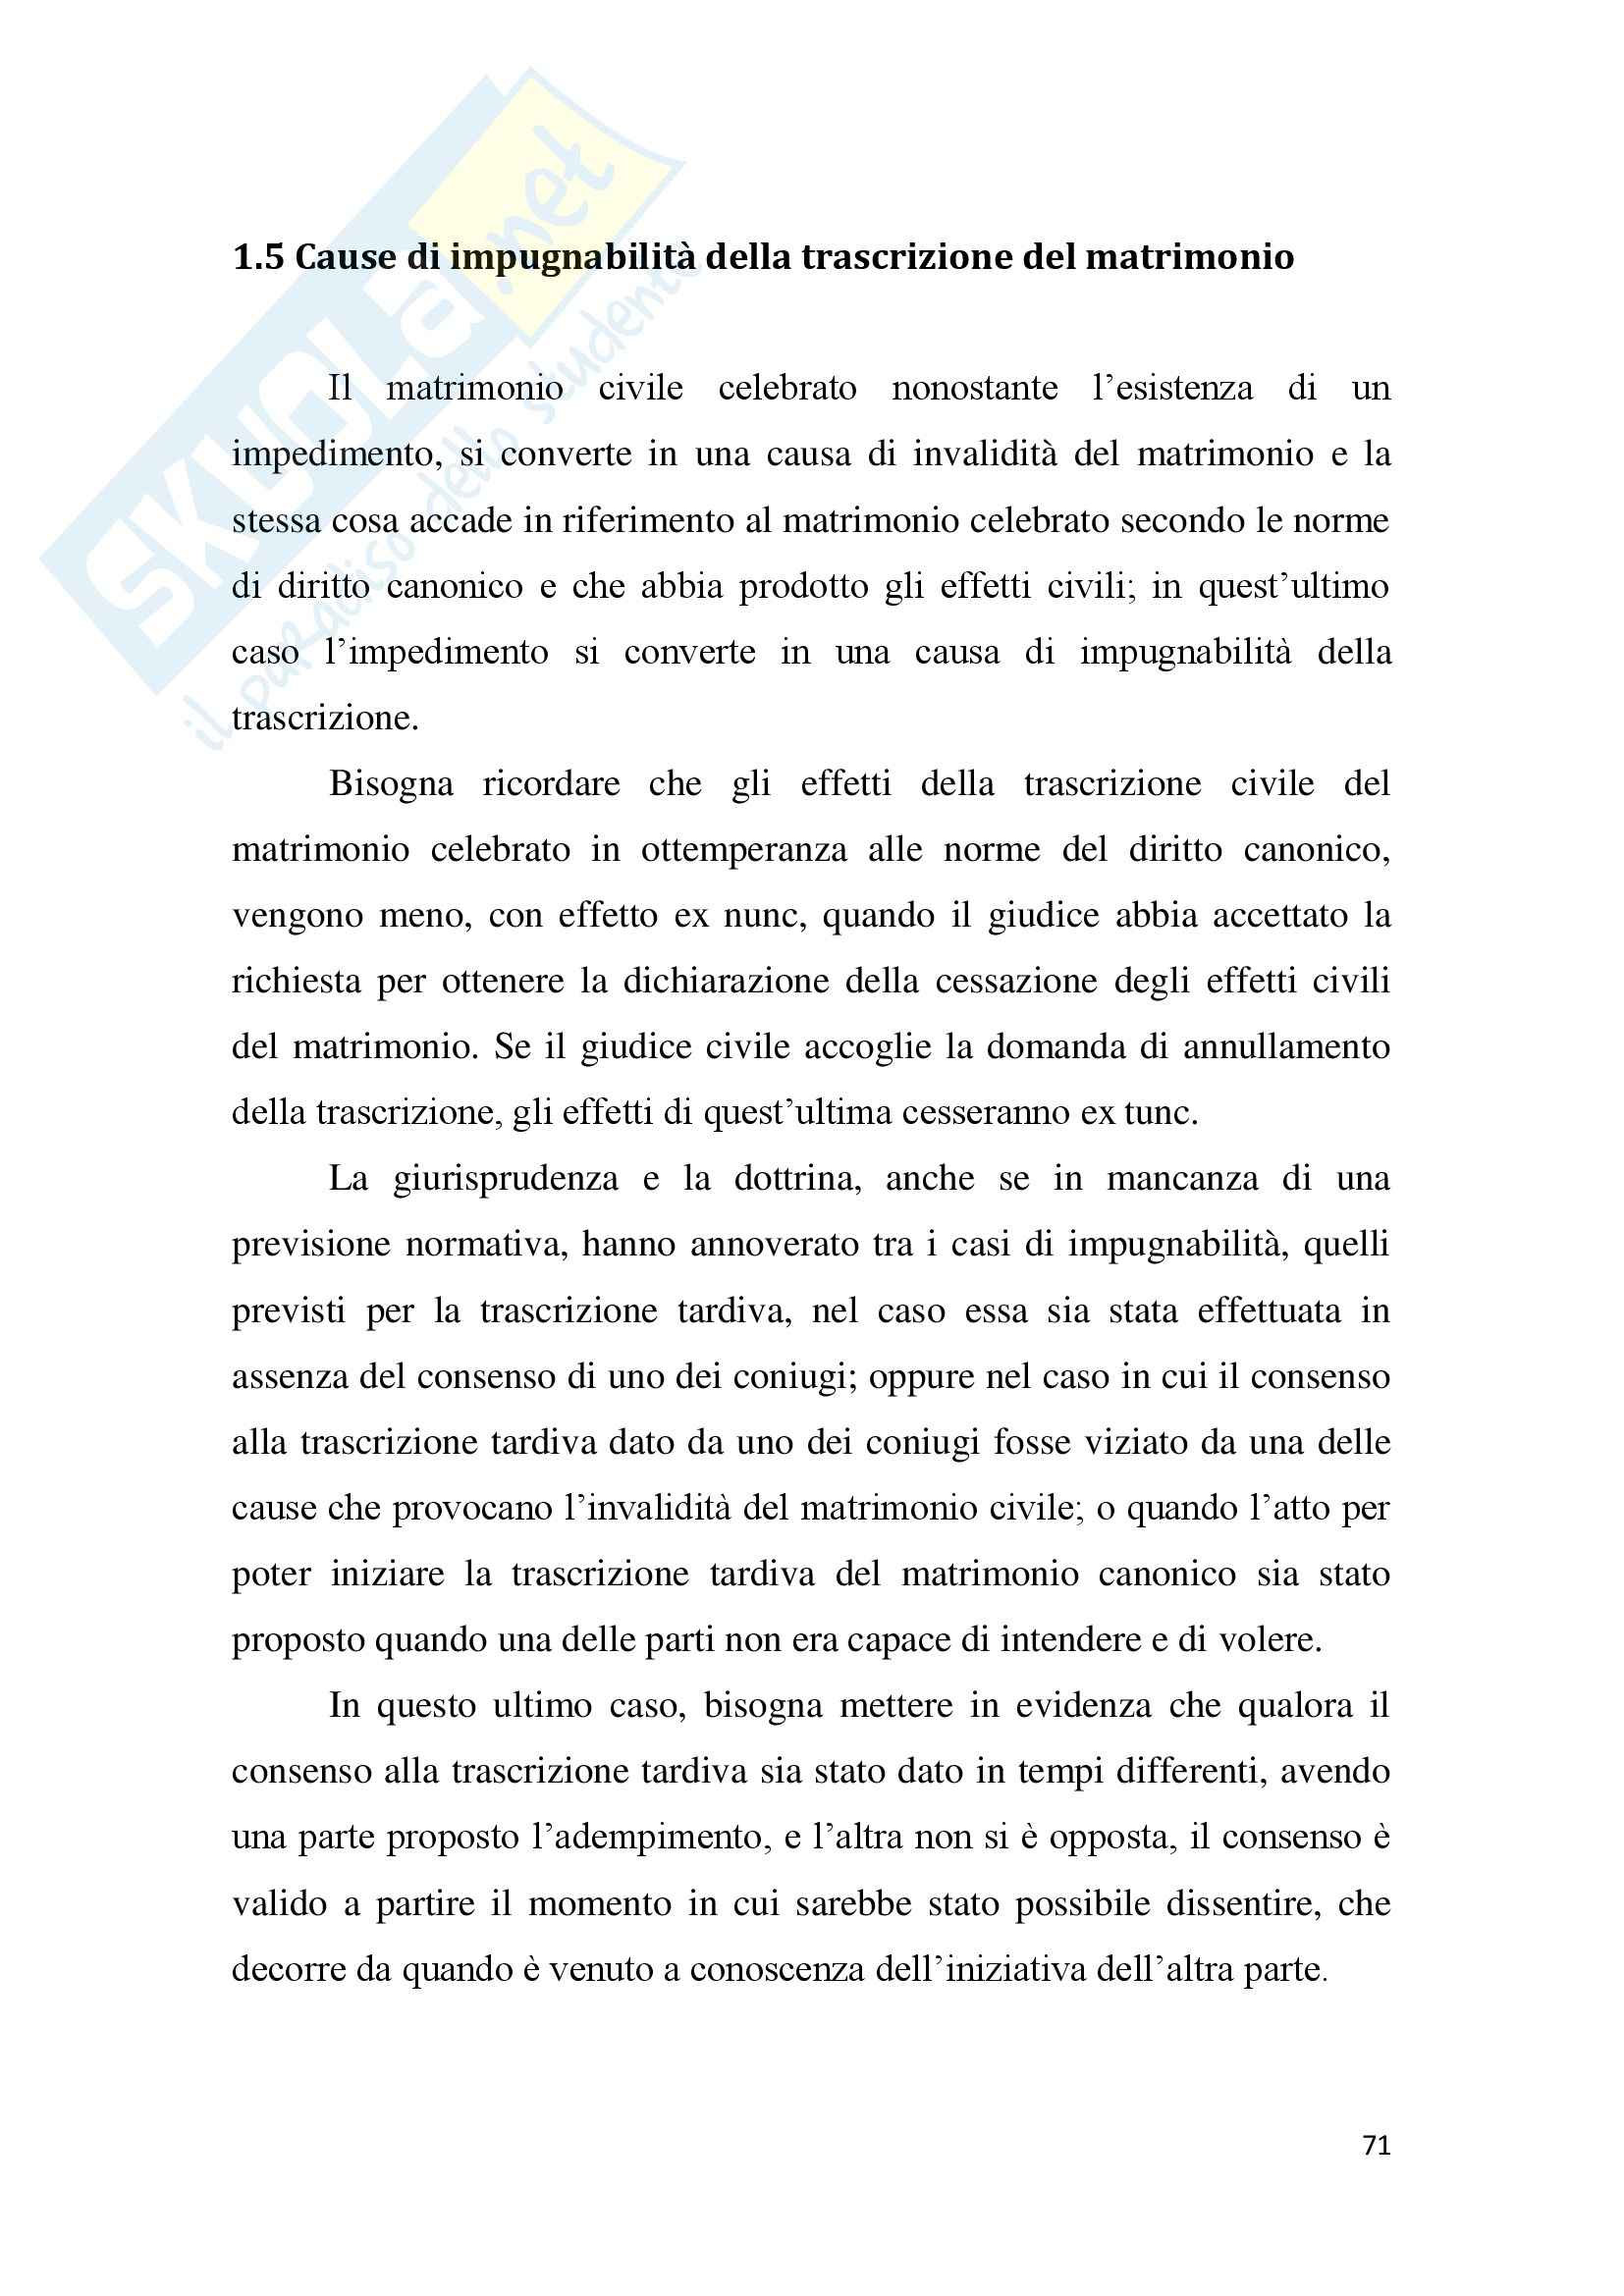 Tesi Diritto ecclesiastico - La trascrizione del matrimonio canonico Pag. 71